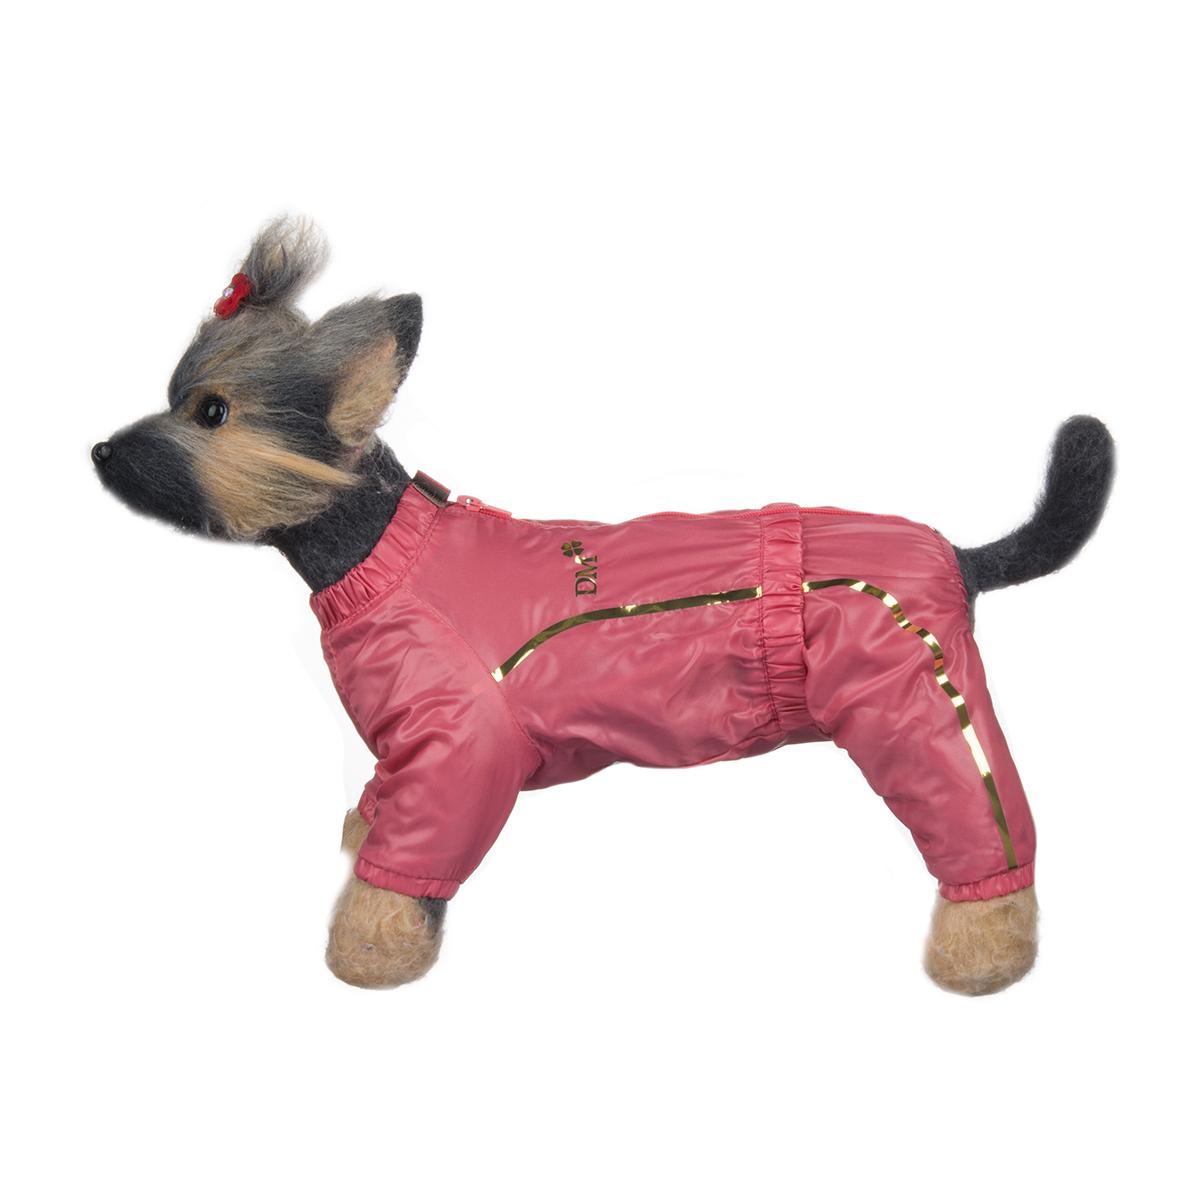 Комбинезон для собак Dogmoda Альпы, для девочки, цвет: коралловый. Размер 4 (XL)DM-150326-4Комбинезон для собак Dogmoda Альпы отлично подойдет для прогулок поздней осенью или ранней весной. Комбинезон изготовлен из полиэстера, защищающего от ветра и осадков, с подкладкой из флиса, которая сохранит тепло и обеспечит отличный воздухообмен. Комбинезон застегивается на молнию и липучку, благодаря чему его легко надевать и снимать. Ворот, низ рукавов и брючин оснащены внутренними резинками, которые мягко обхватывают шею и лапки, не позволяя просачиваться холодному воздуху. На пояснице имеется внутренняя резинка. Изделие декорировано золотистыми полосками и надписью DM. Благодаря такому комбинезону простуда не грозит вашему питомцу и он не даст любимцу продрогнуть на прогулке.